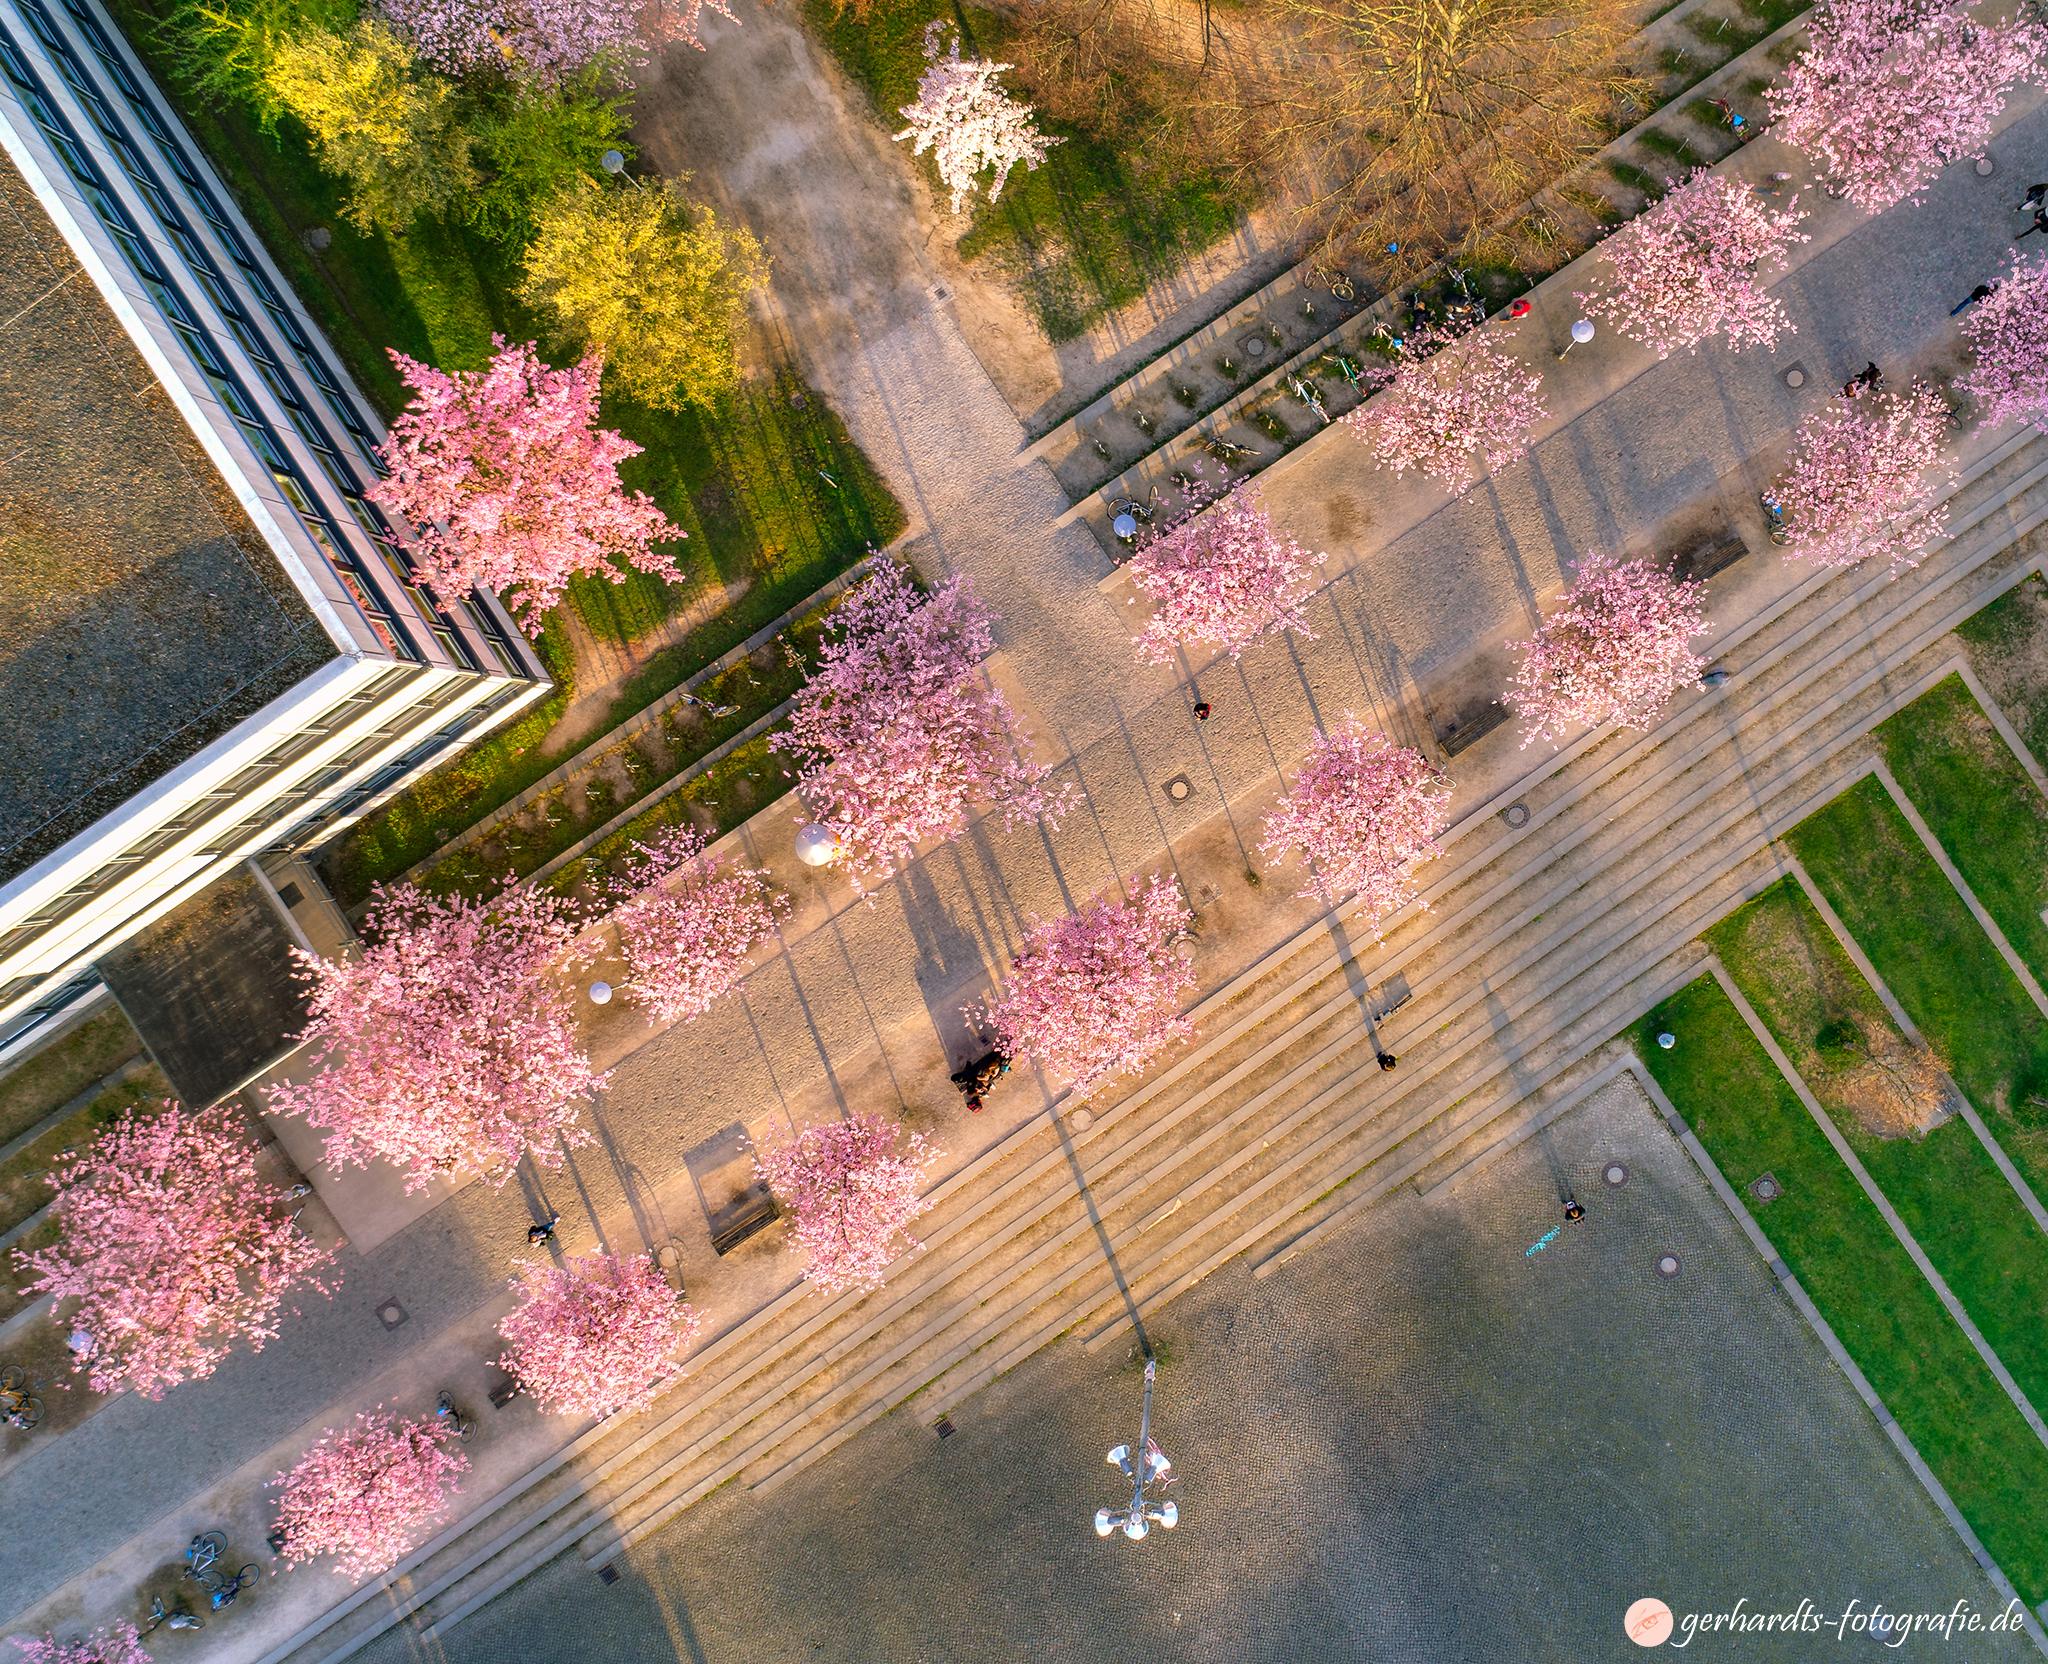 Luftbild Göttingen Kirschblüte | Luftbildaufnahmen Göttingen Südniedersachsen